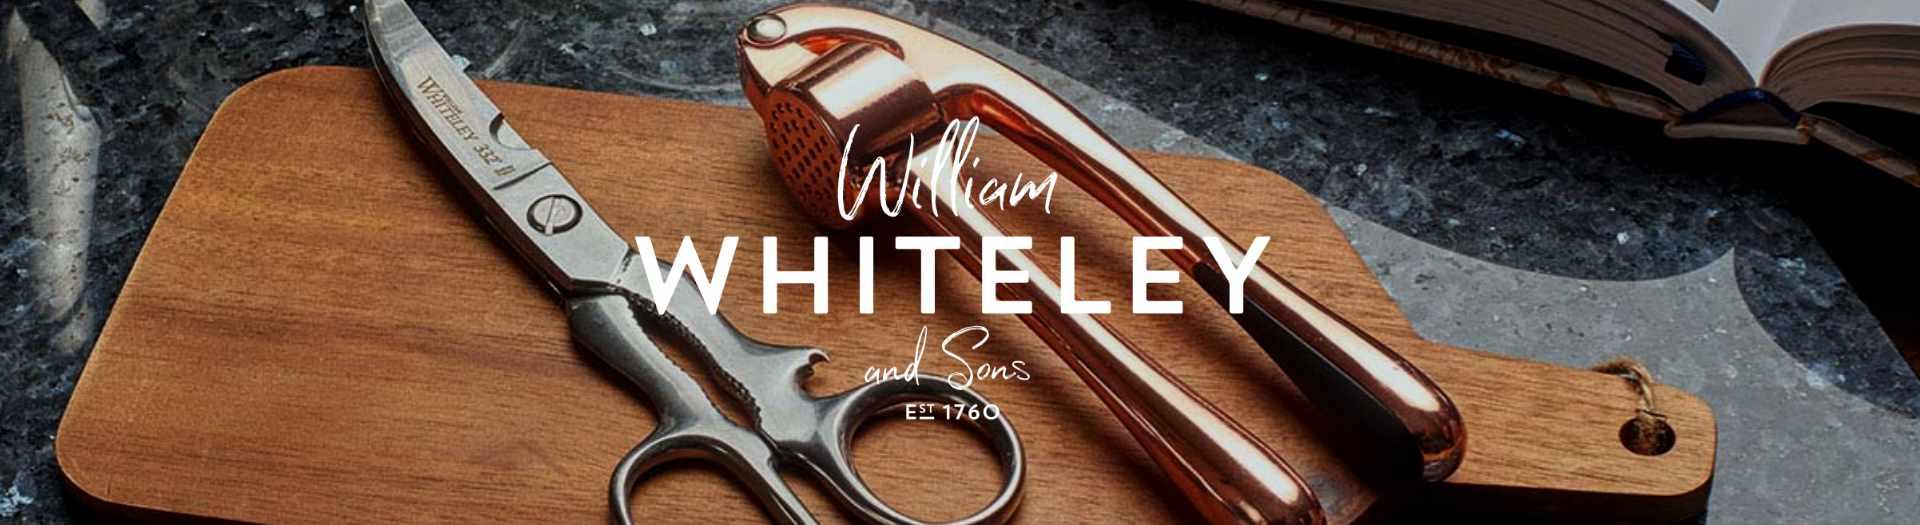 1920x525 William whiteley header with logo